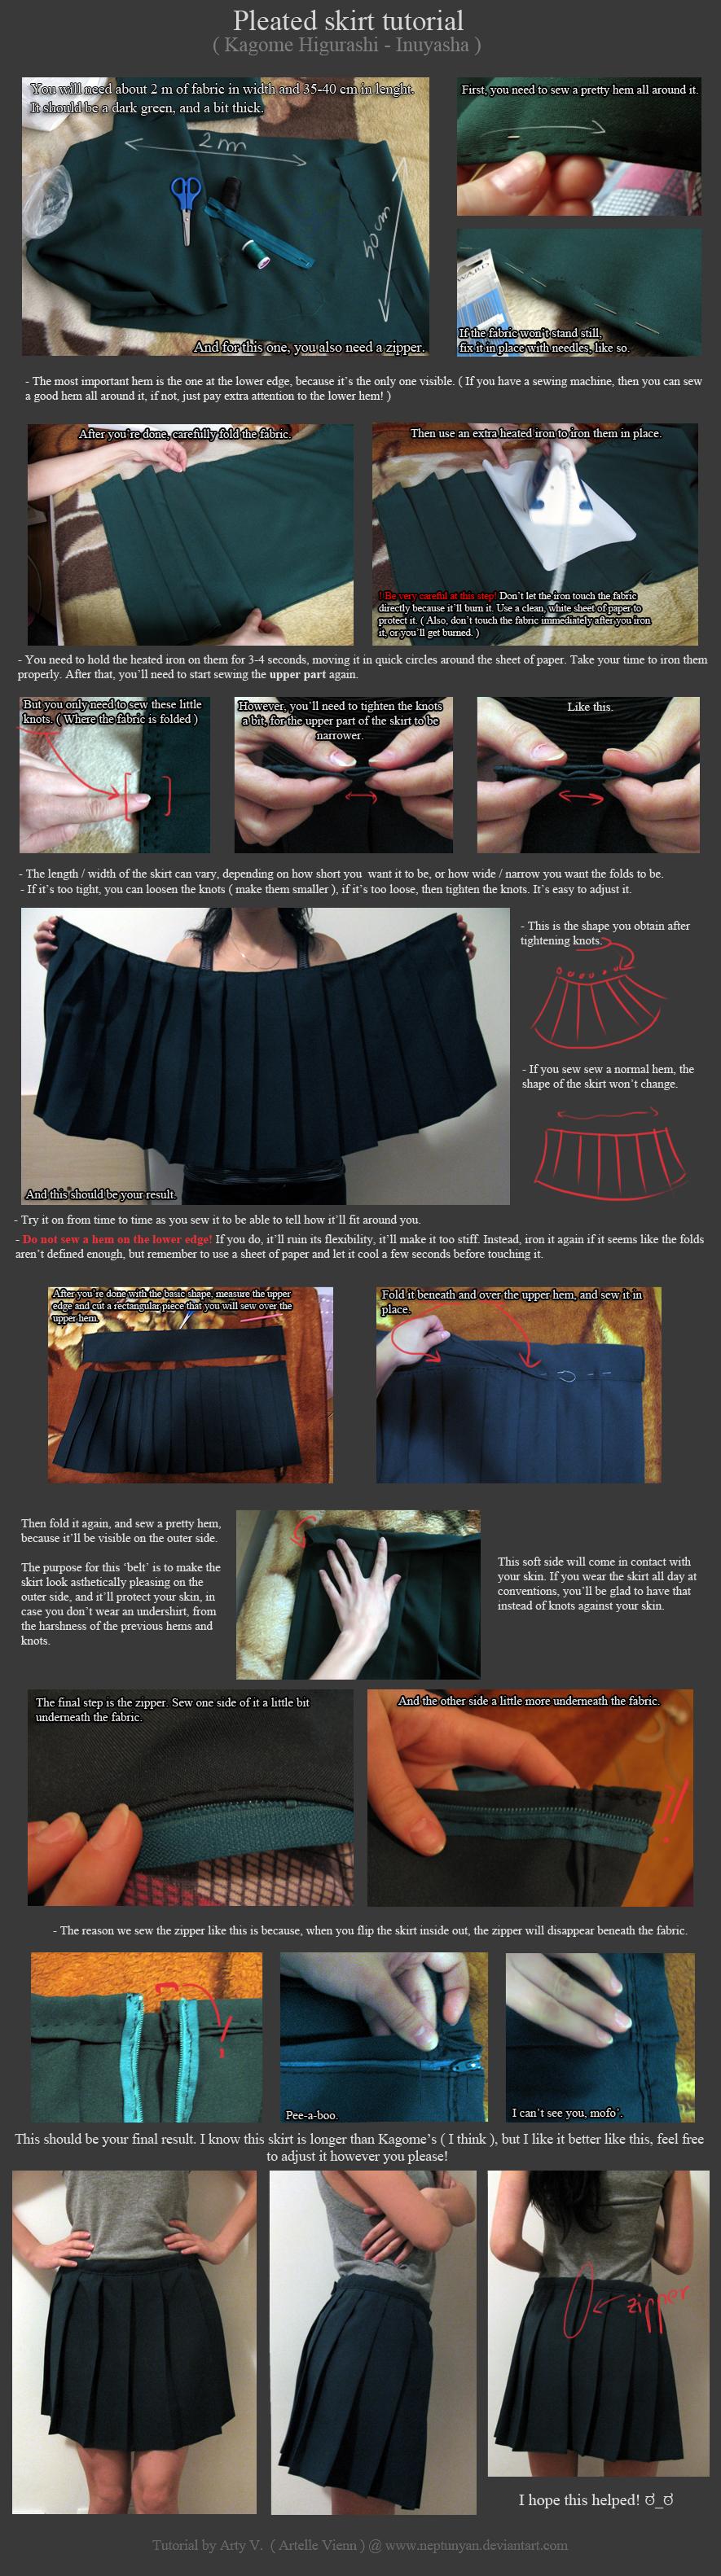 Pleated skirt tutorial - Kagome Higurashi.